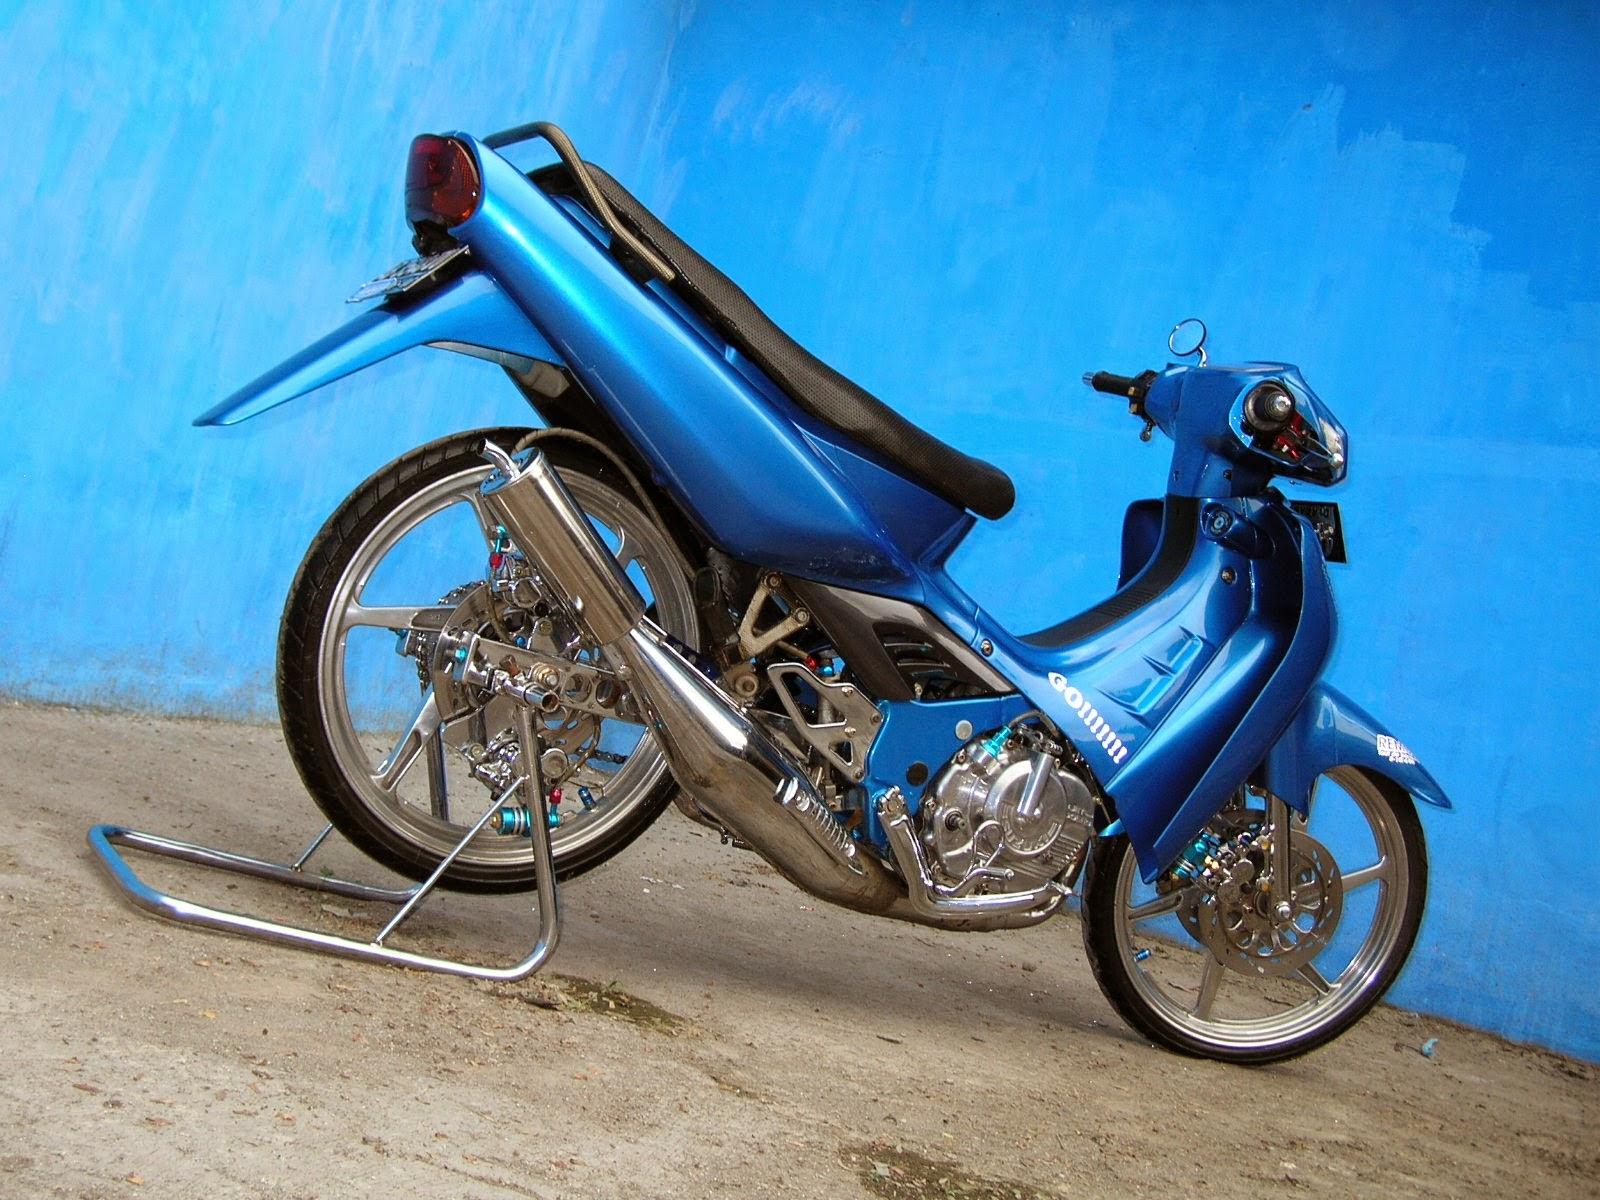 Suzuki Smash Modifikasi Racing